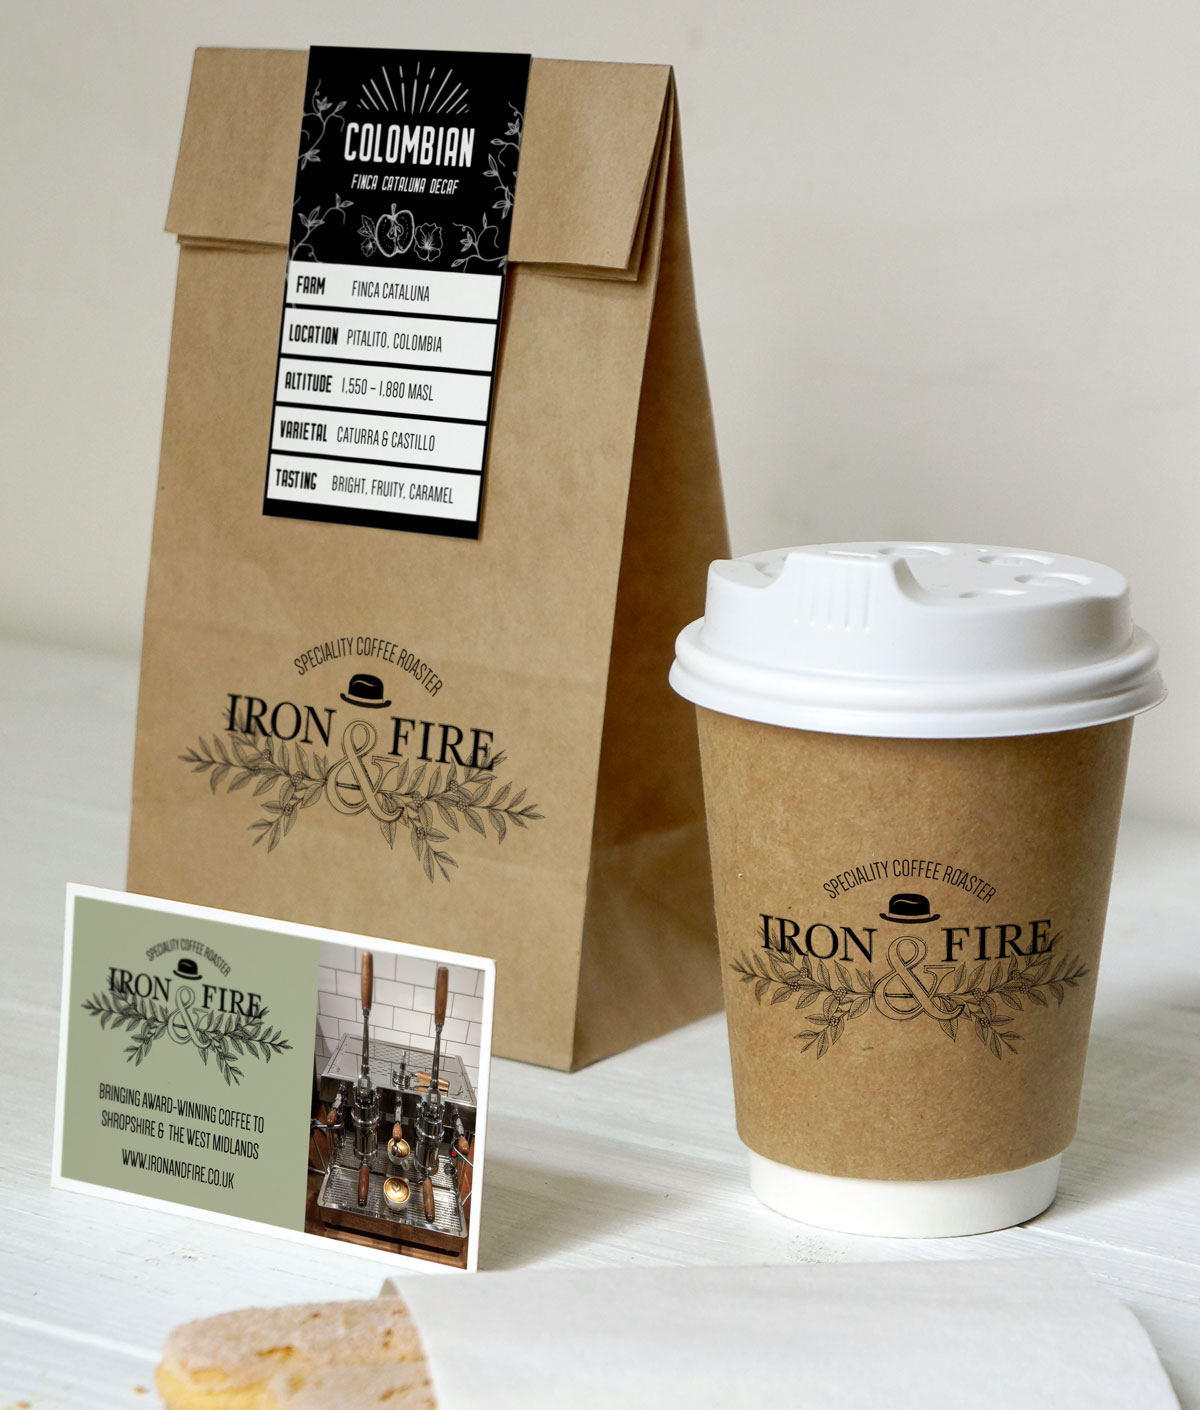 Iron & Fire packaging